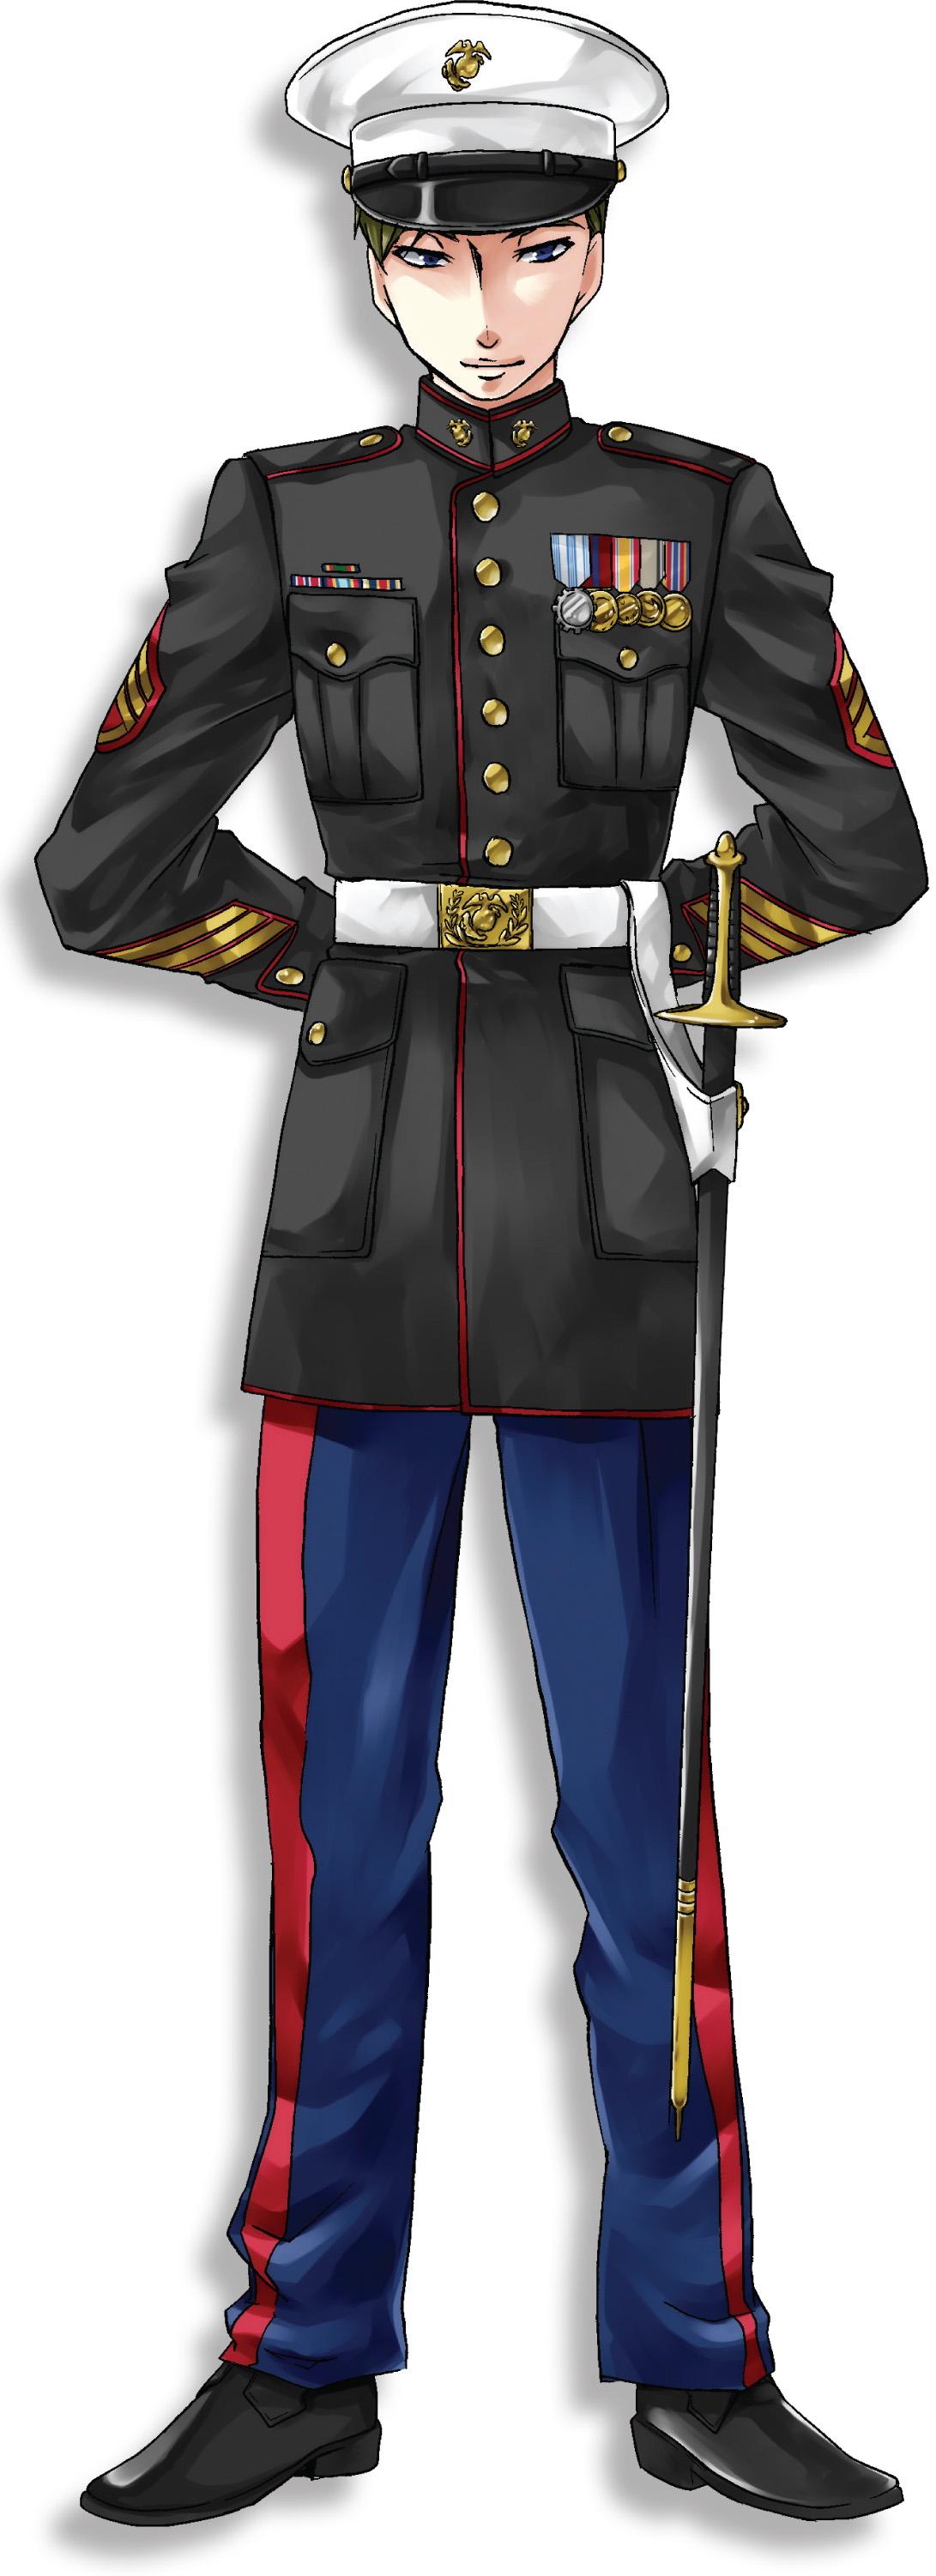 軍服 かっこいい イラスト